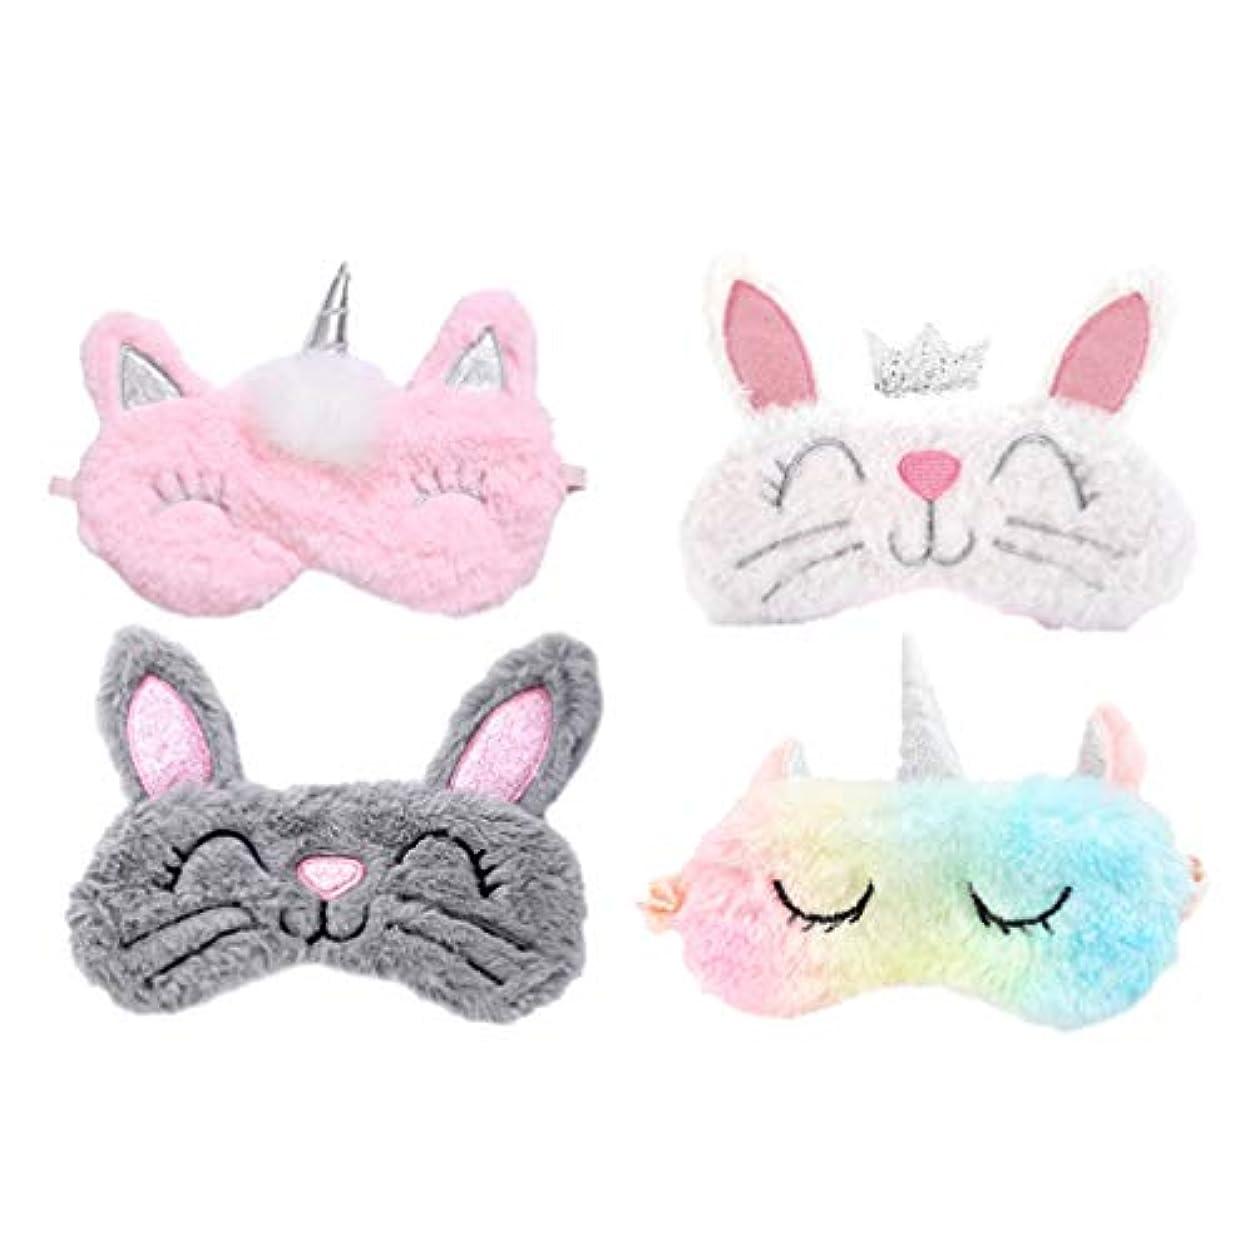 してはいけないこっそりグリーンランドMinkissy 4ピース睡眠アイマスク動物睡眠マスクソフトぬいぐるみ目隠しeyesシェードウサギユニコーンアイカバーアイマスク用女の子女性子供好意